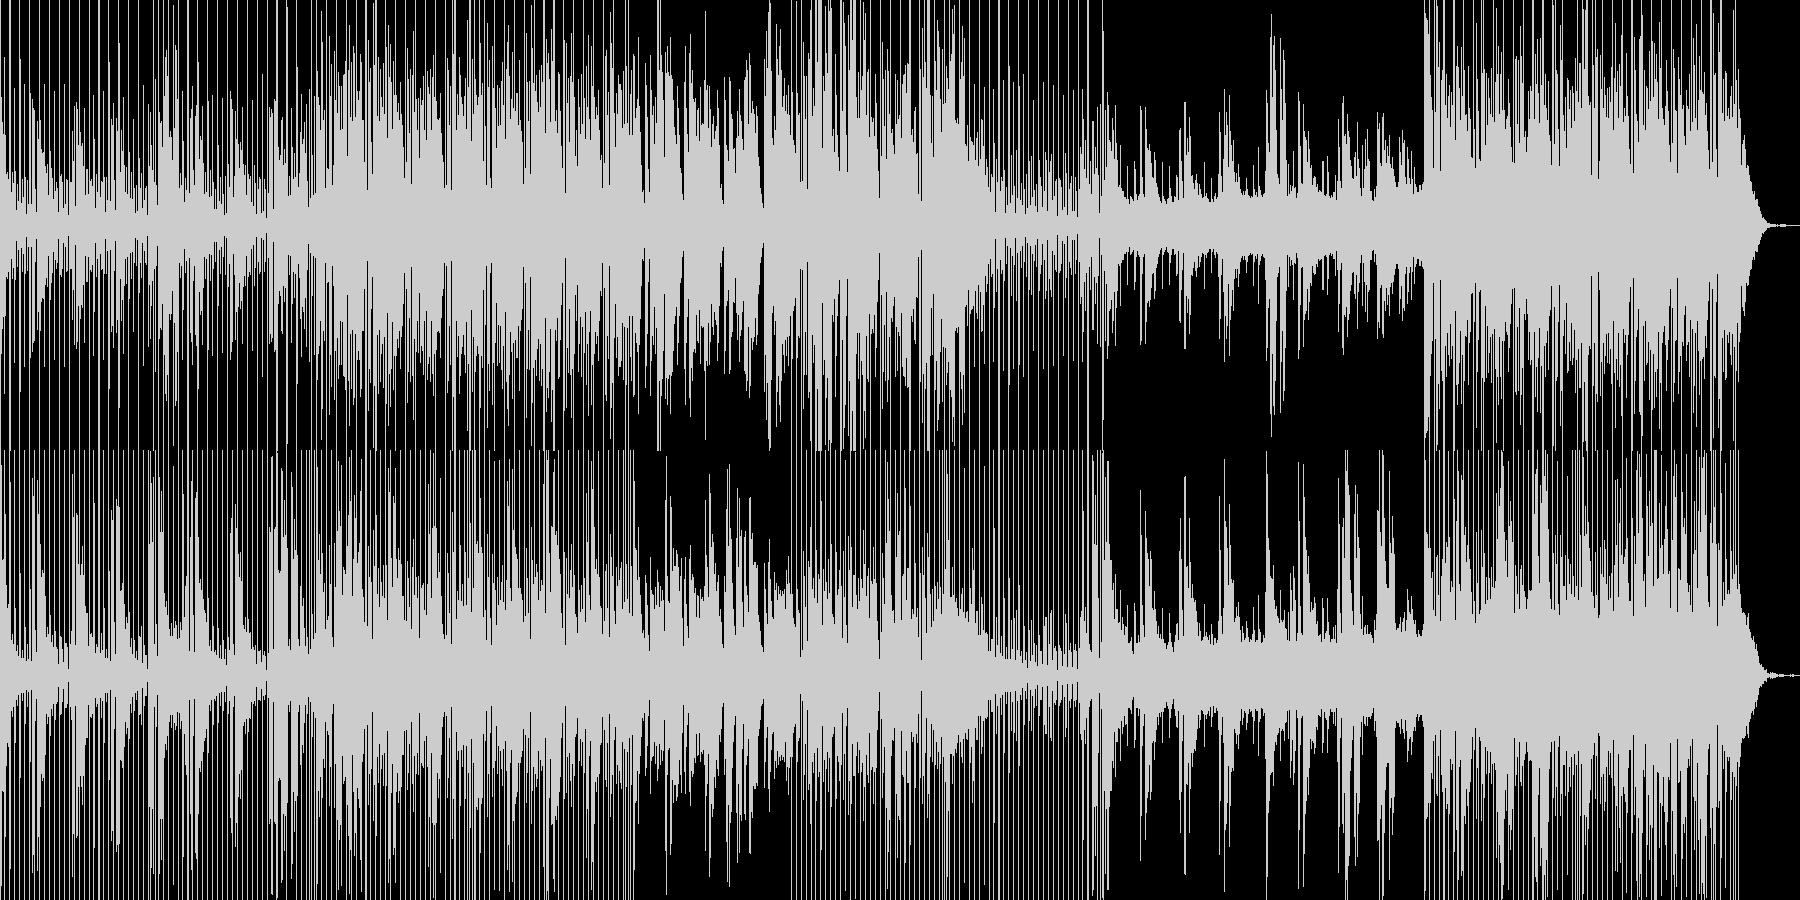 クールな風景に合うアンビエント系BGMの未再生の波形